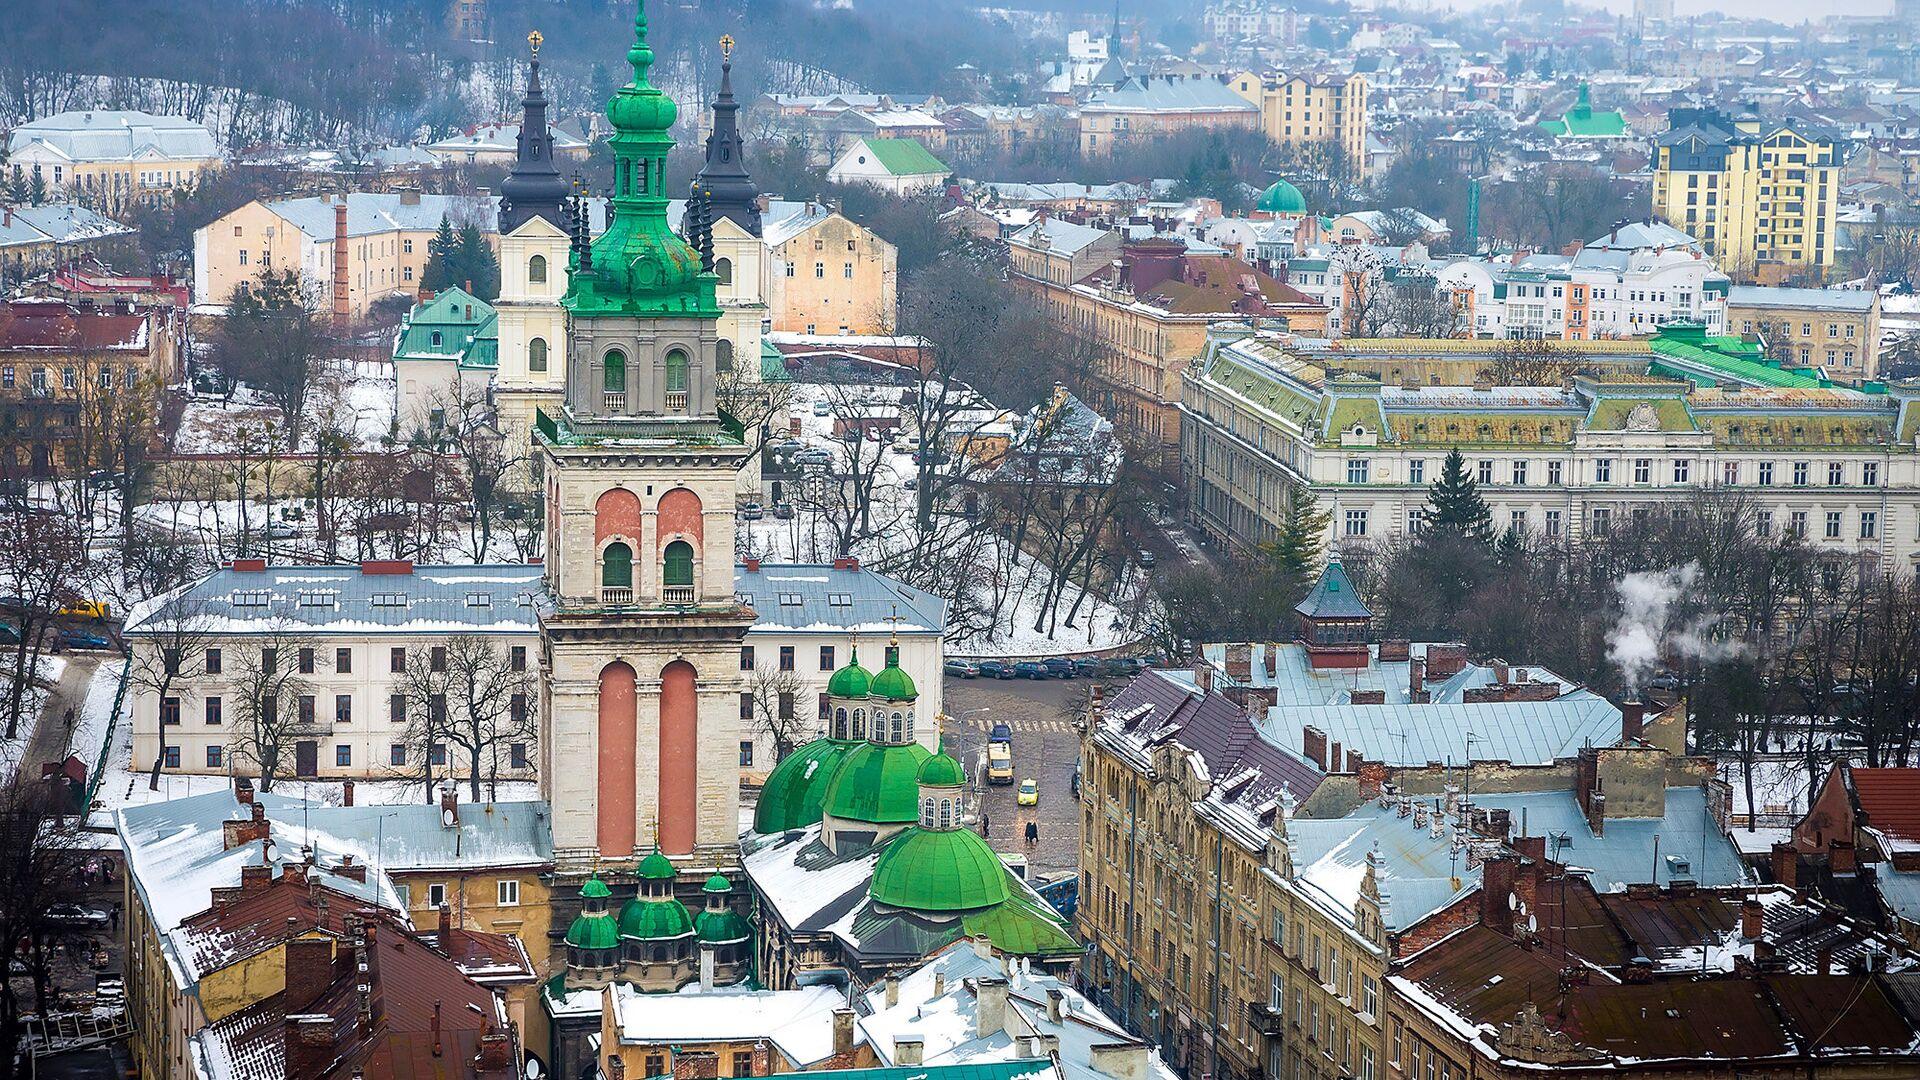 Вид на Львов, Украина - РИА Новости, 1920, 08.04.2021